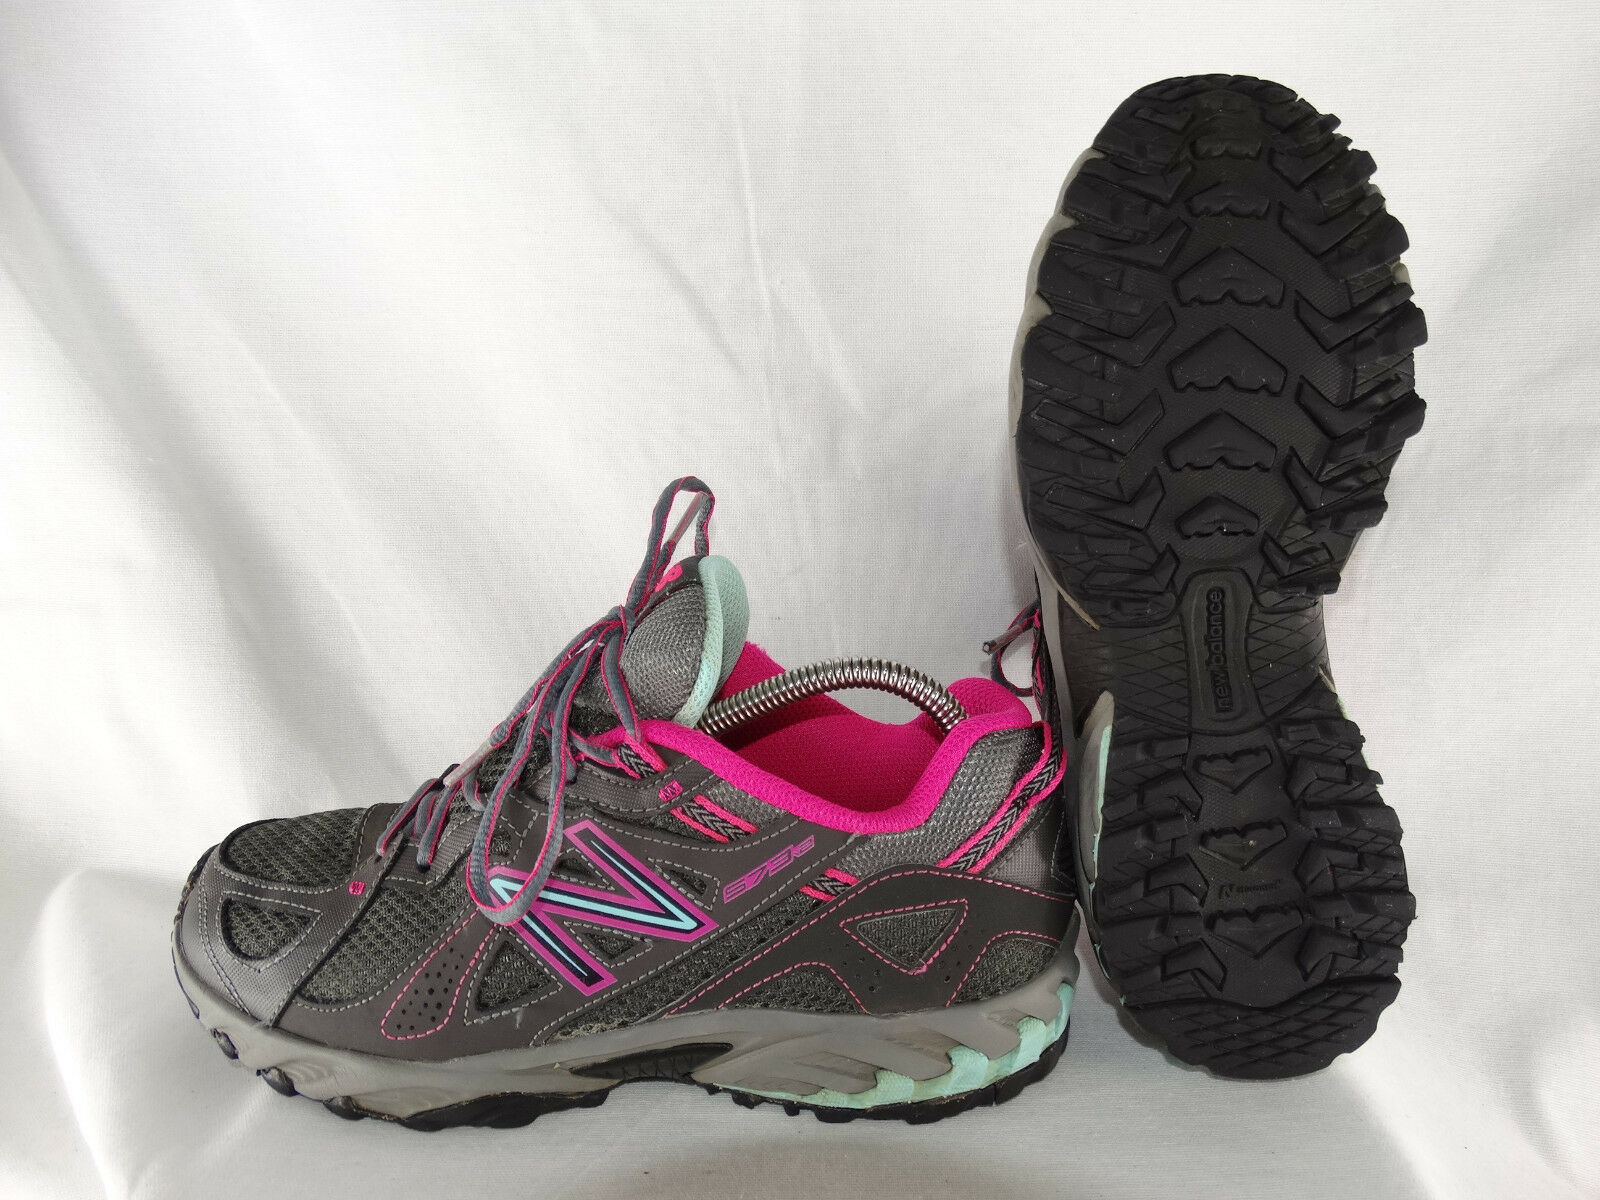 New Balance 573 V2 Damen Trail Laufschuhe Runner grau-pink EU 39-39,5